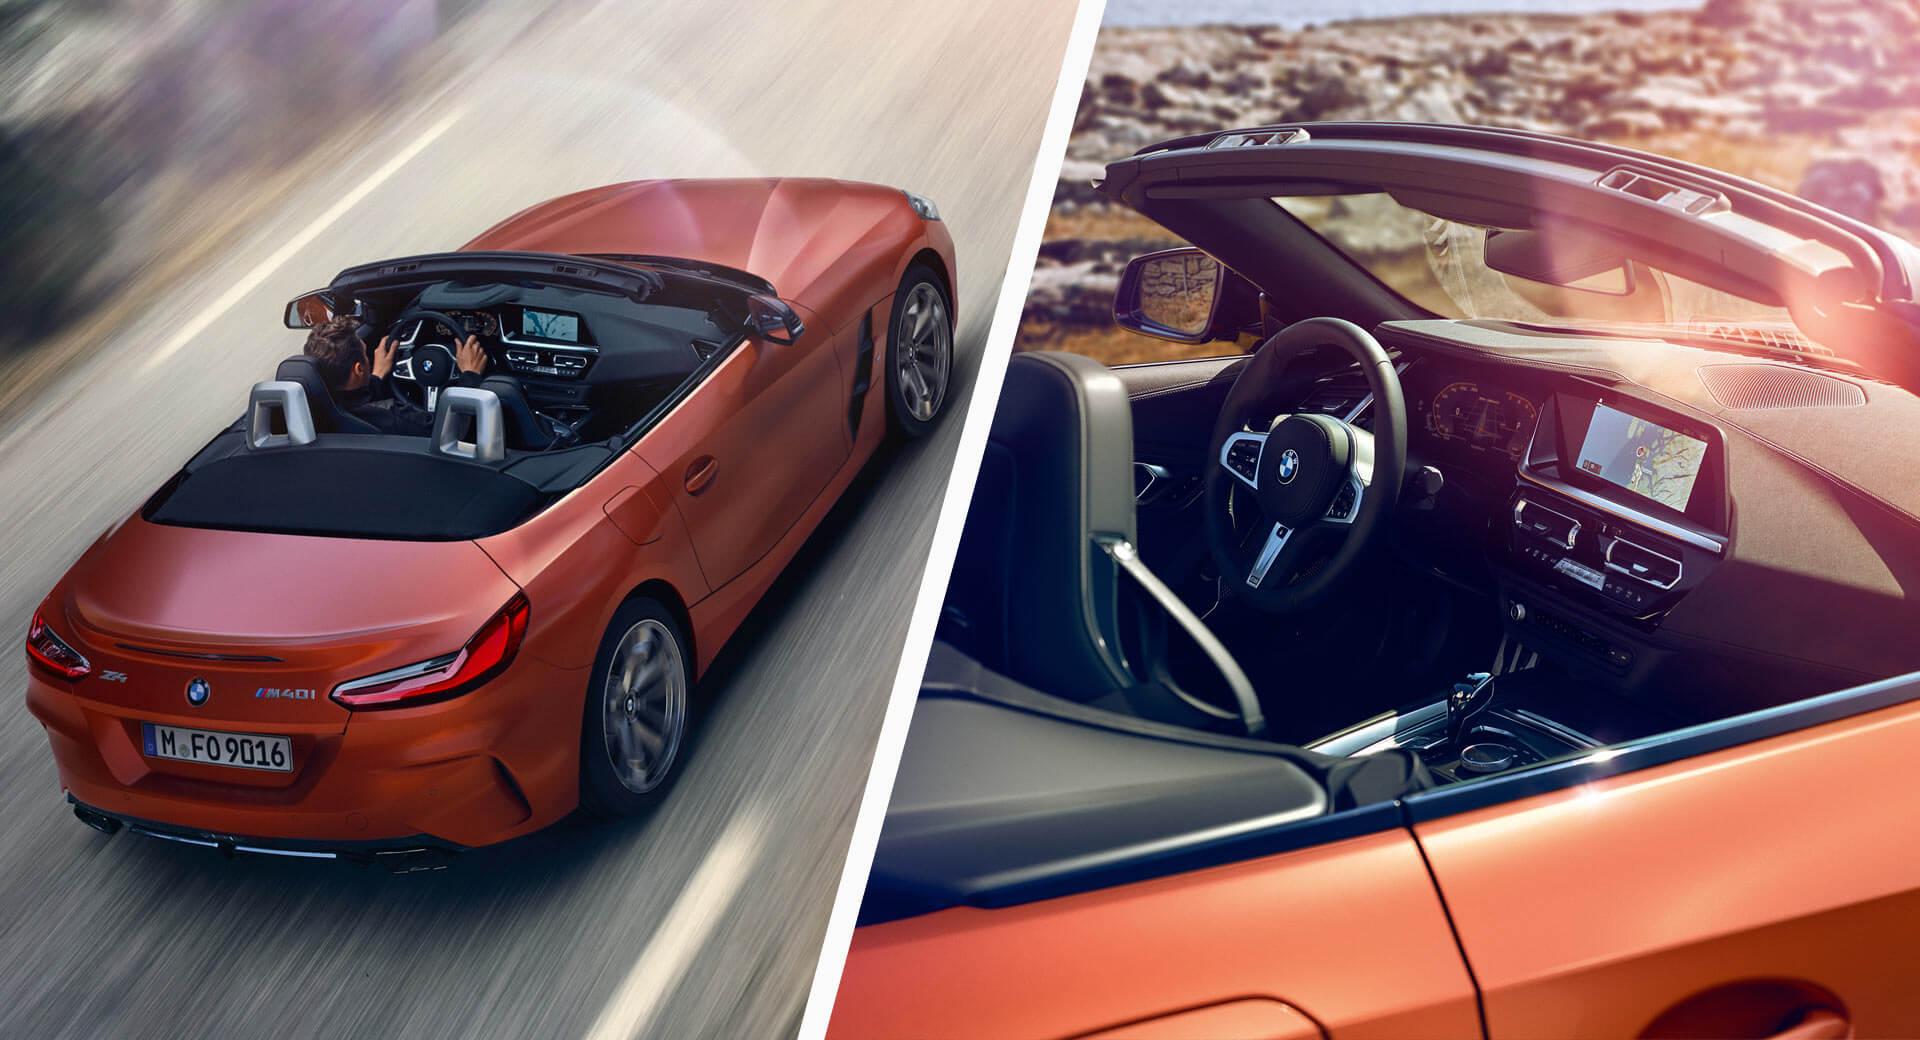 شاهد تسريب صور BMW Z4 2019 قبل موعد التدشين